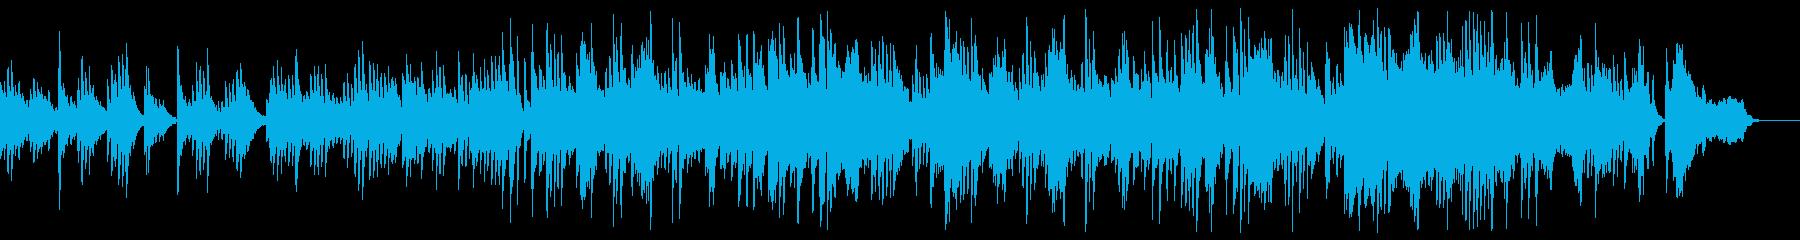 美しく感動的なピアノ&ストリングス映像等の再生済みの波形